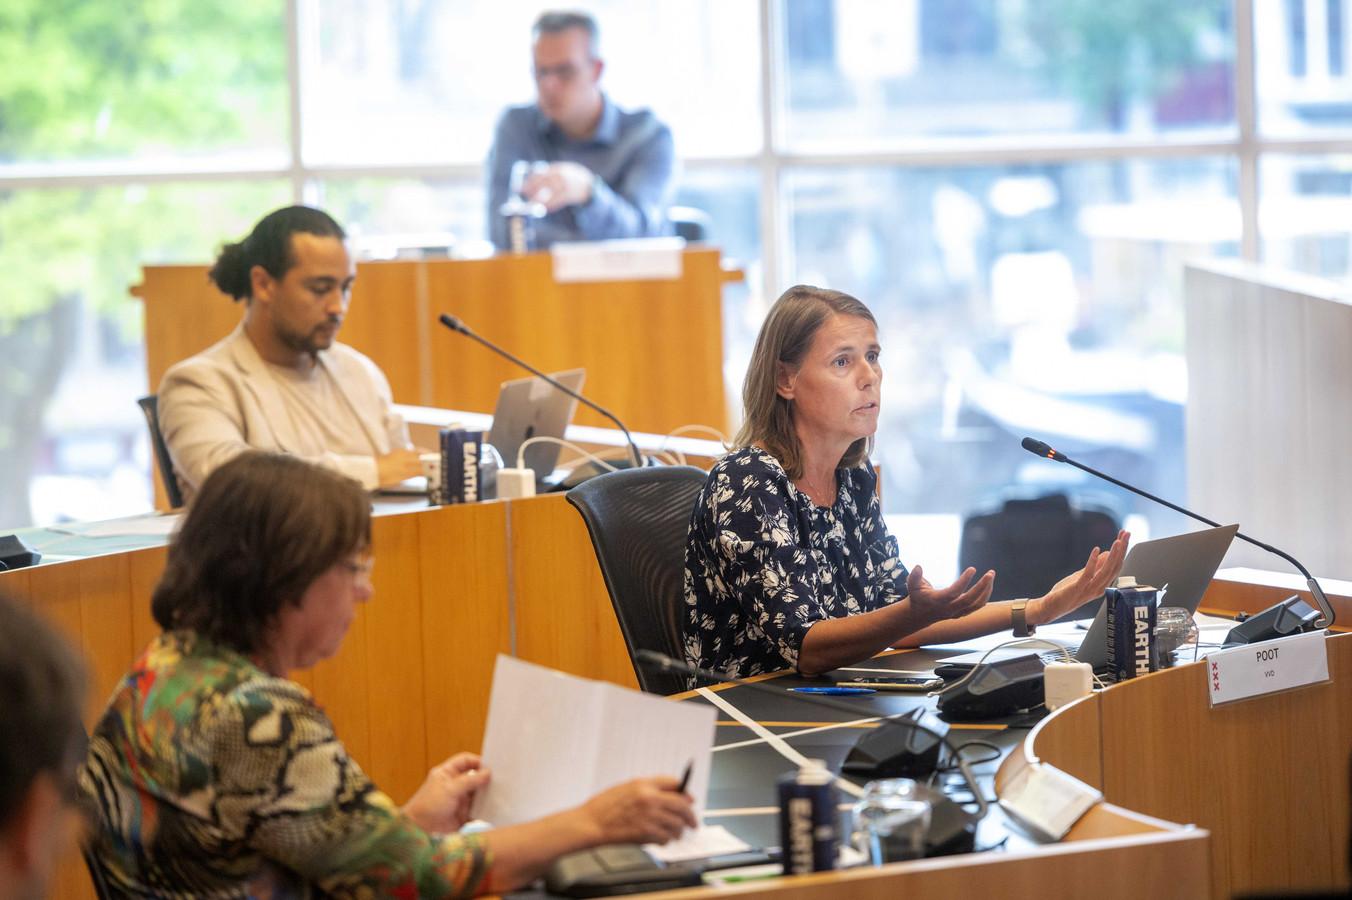 Marianne Poot van de VVD tijdens een debat in de gemeenteraad.